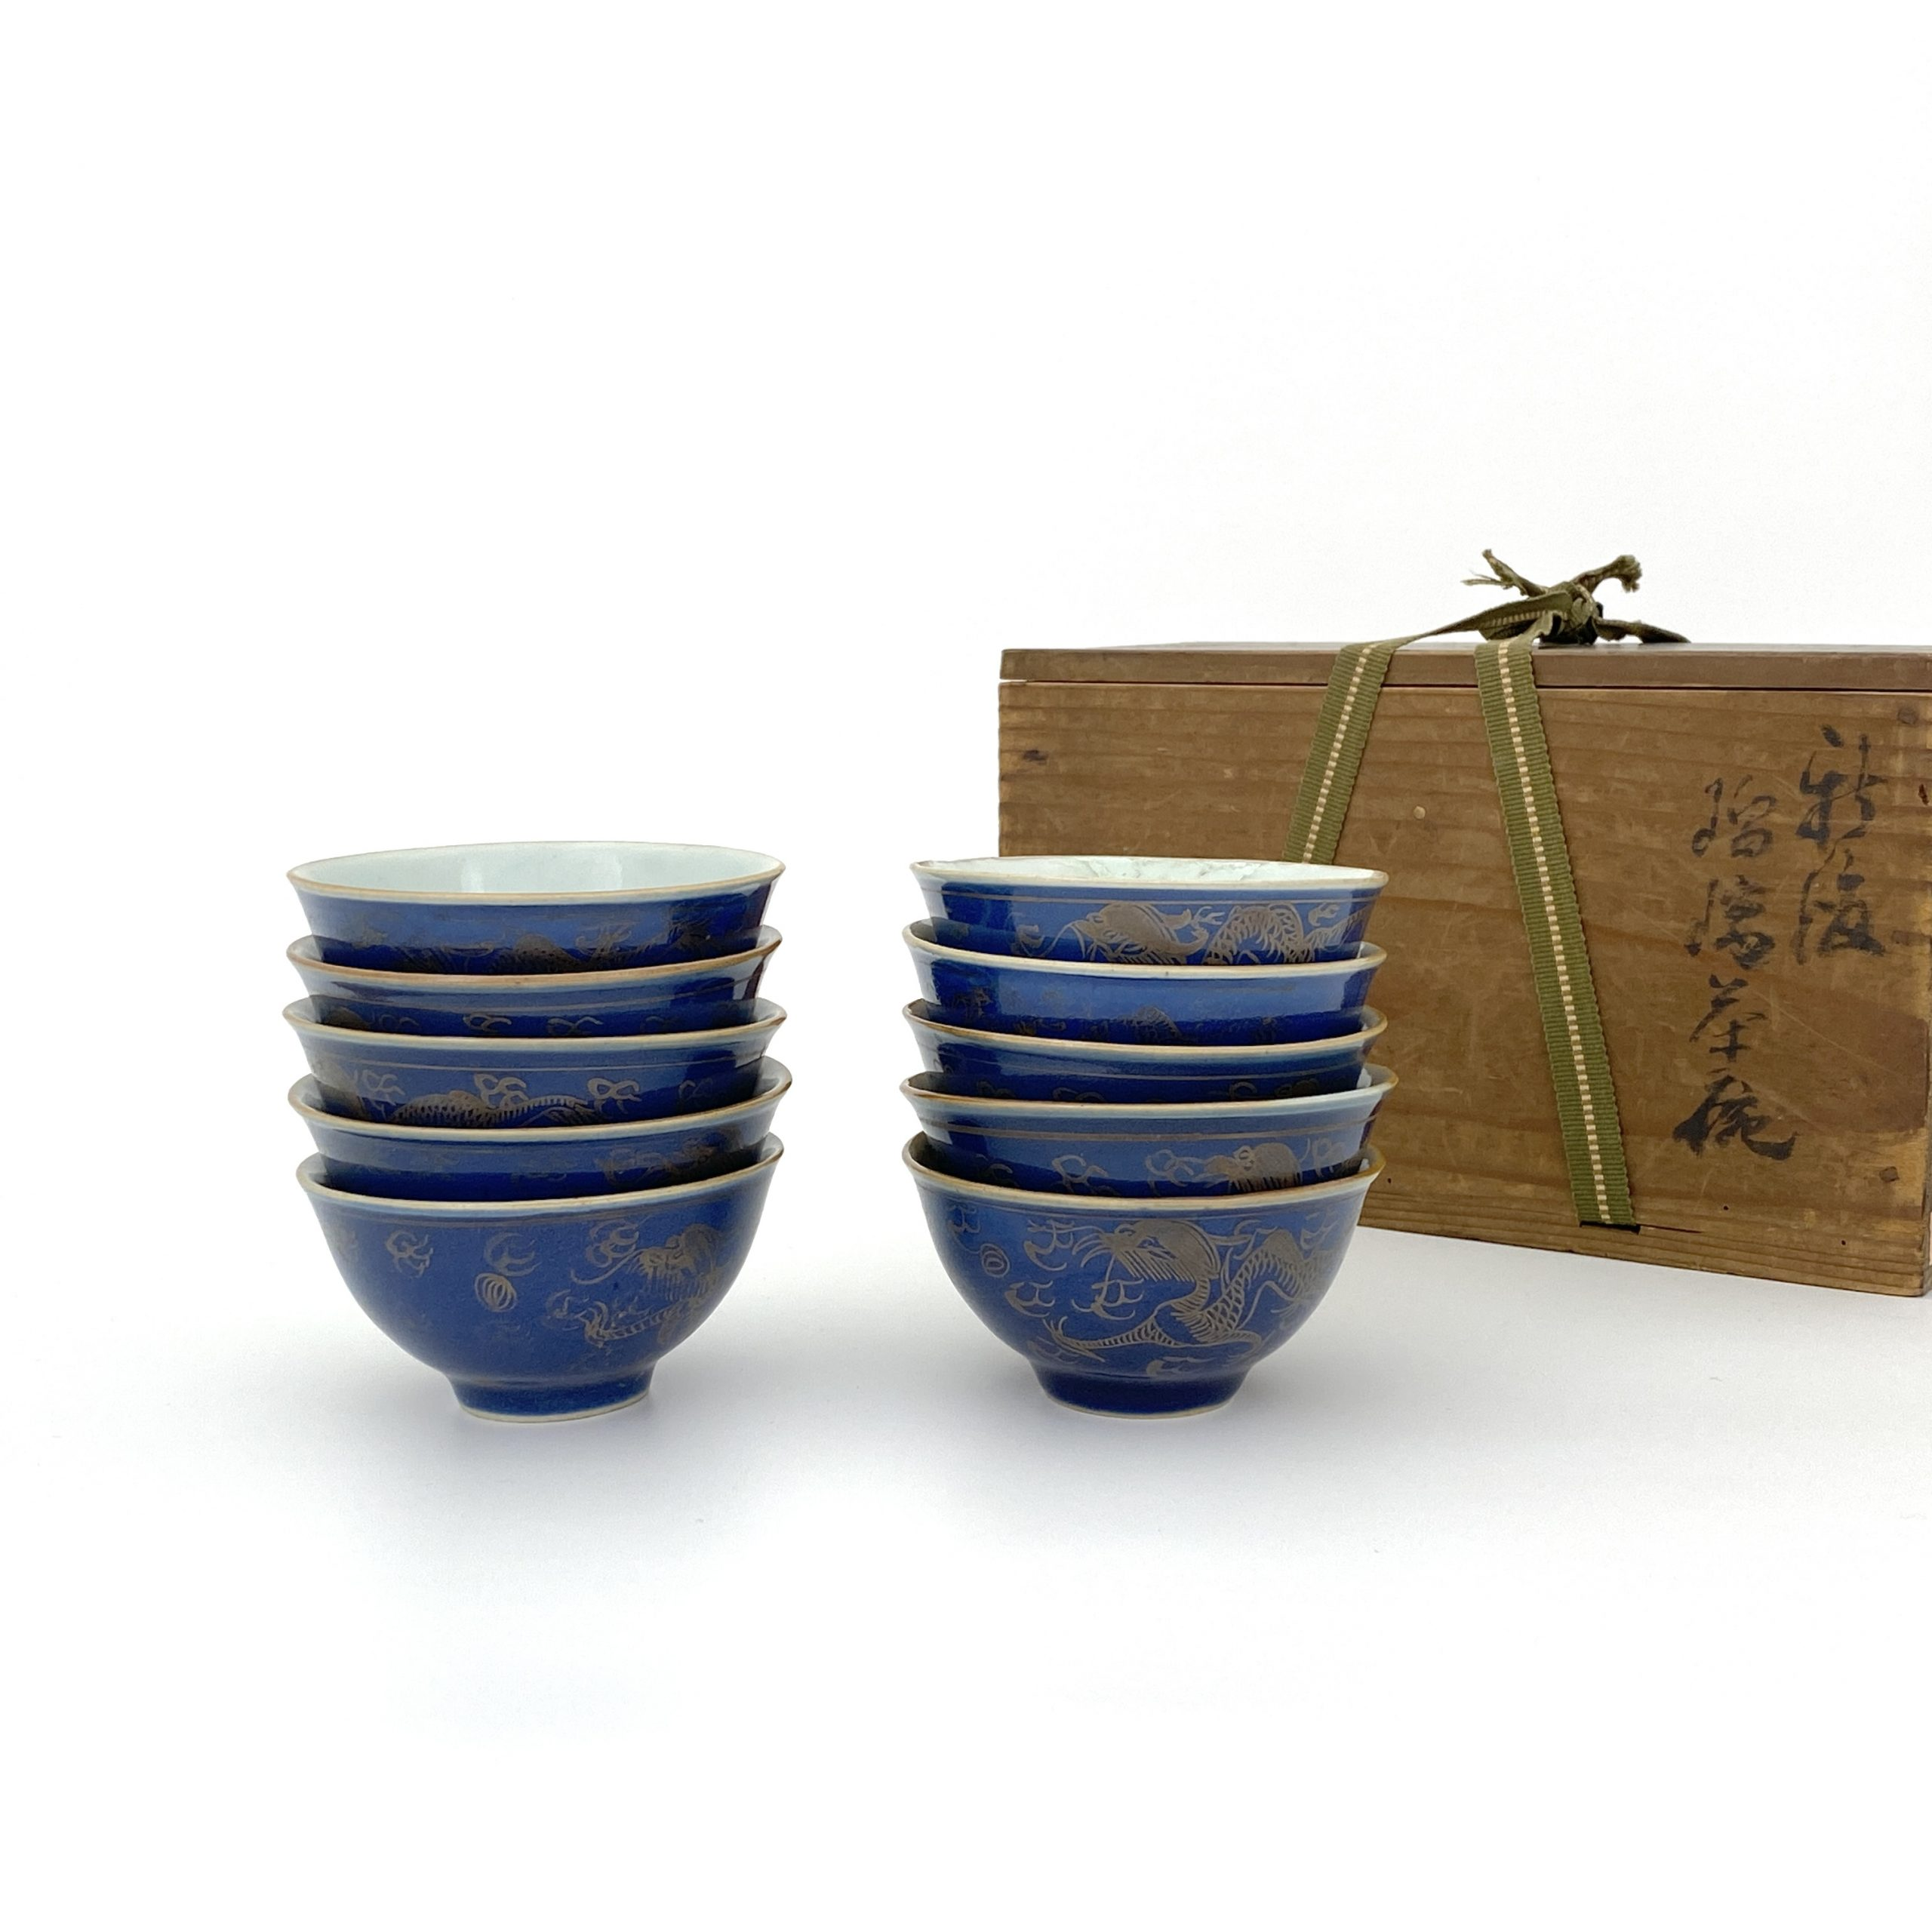 20147清 霽藍釉描金 龍紋 碗⑩